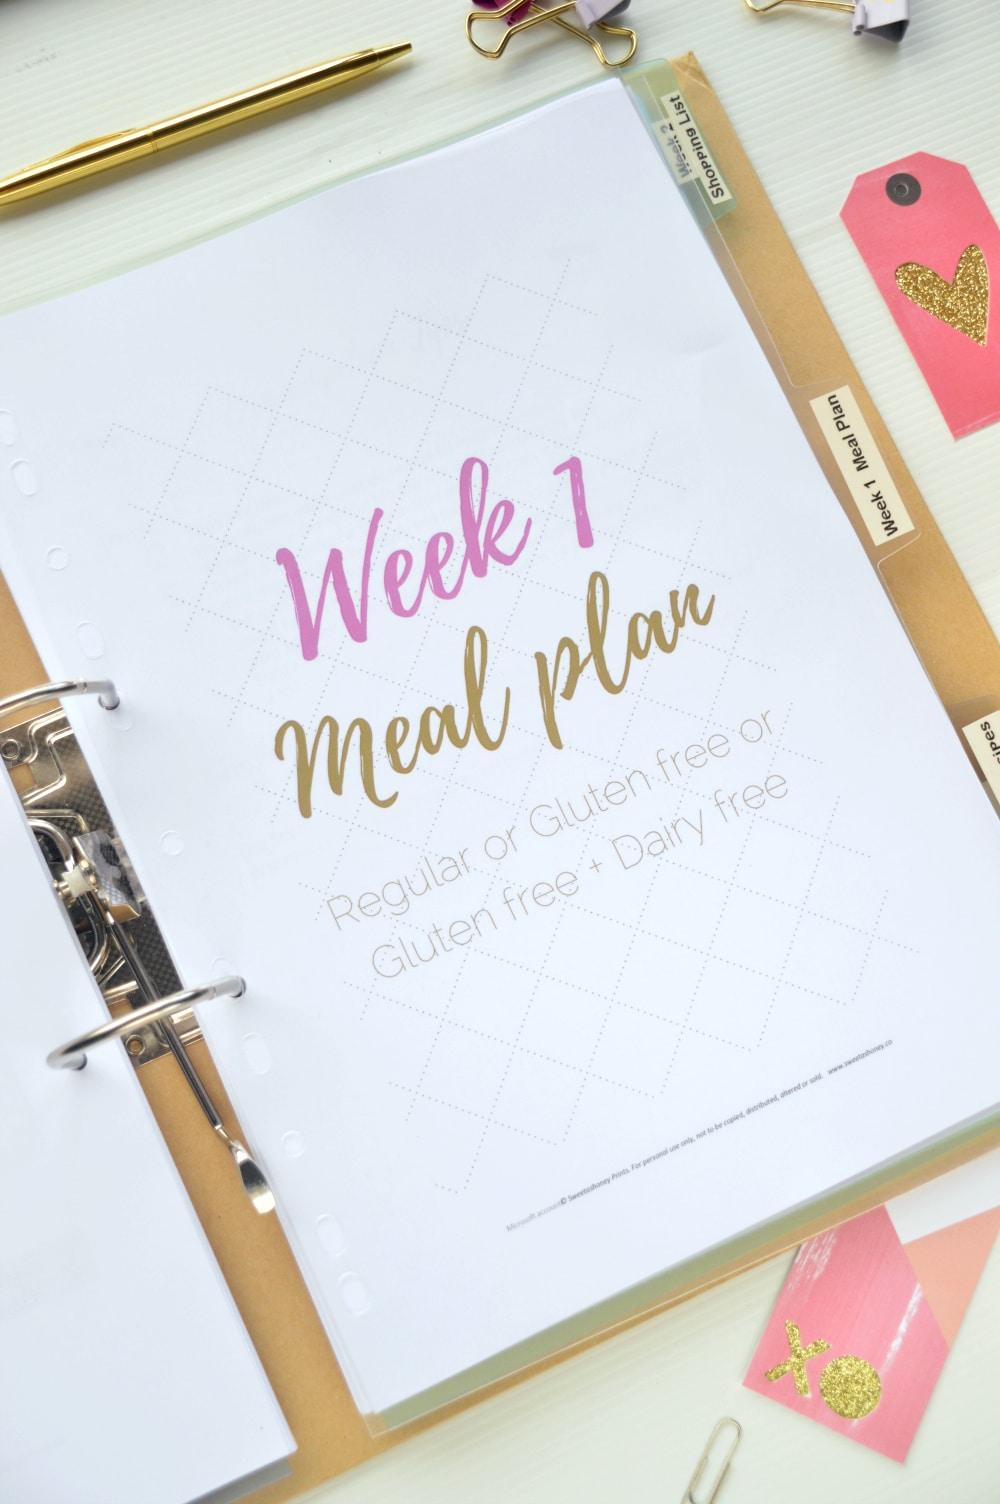 week 1 meal plan